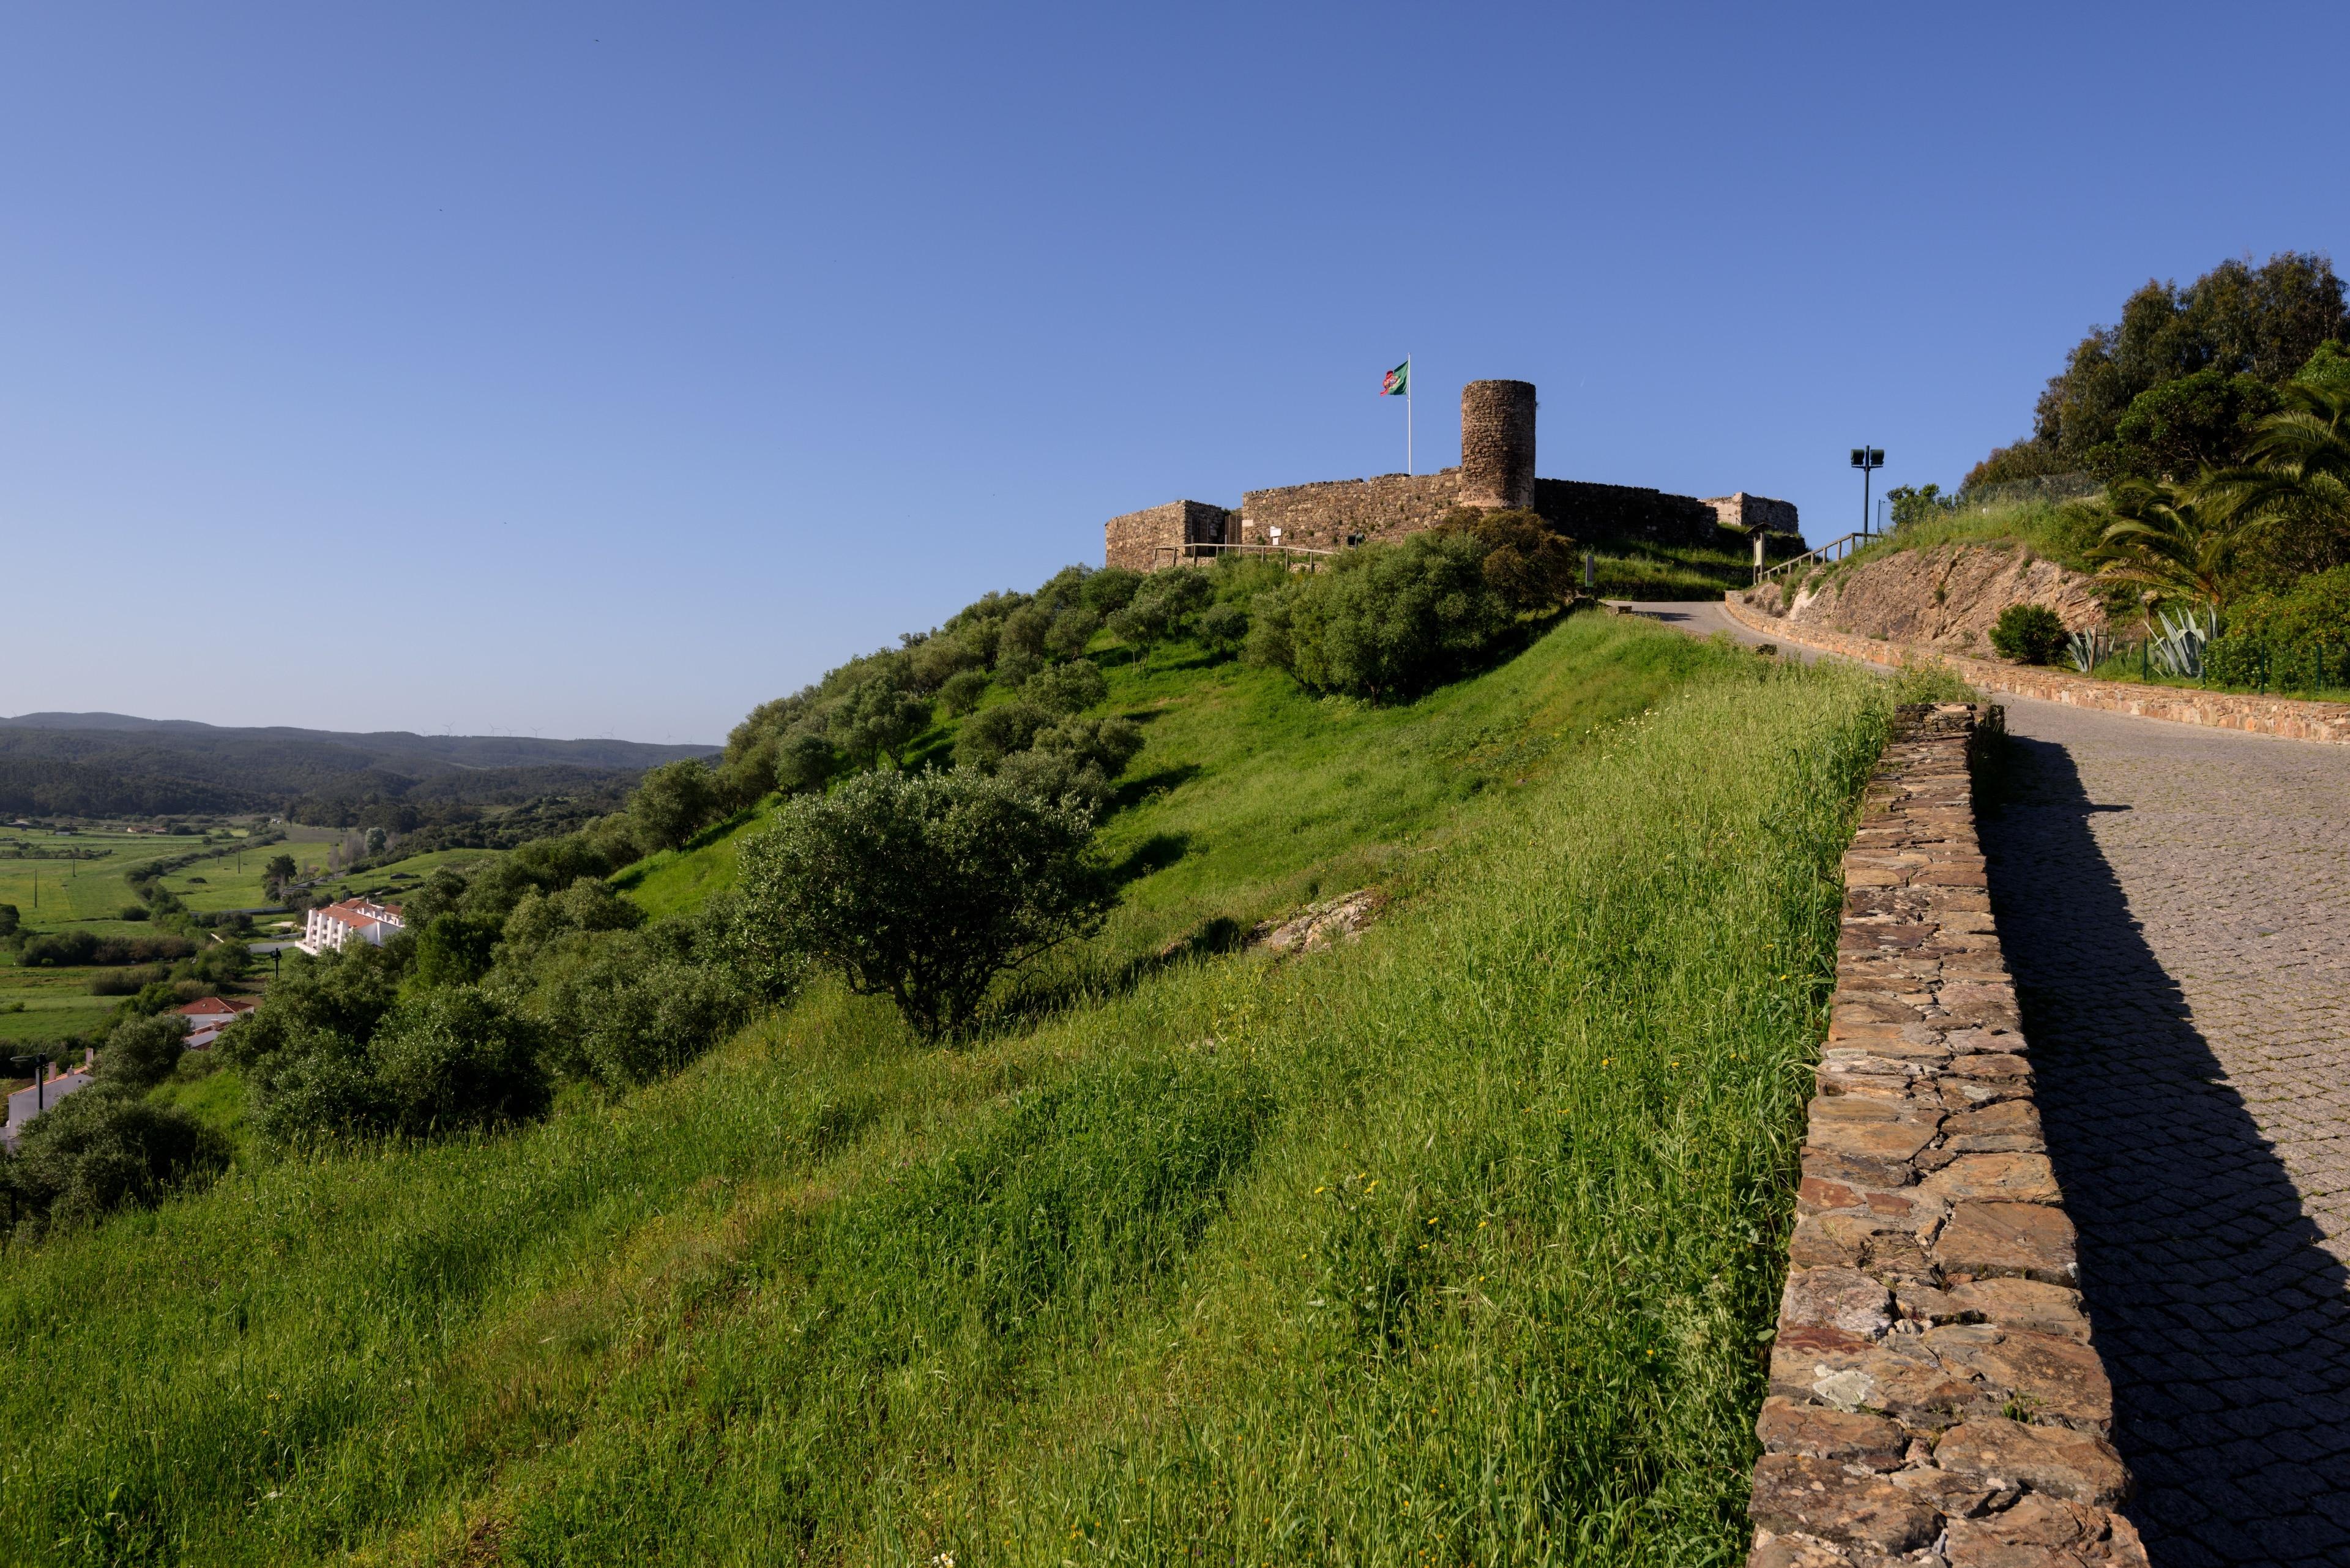 Castelo de Aljezur, Aljezur, Distrito de Faro, Portugal